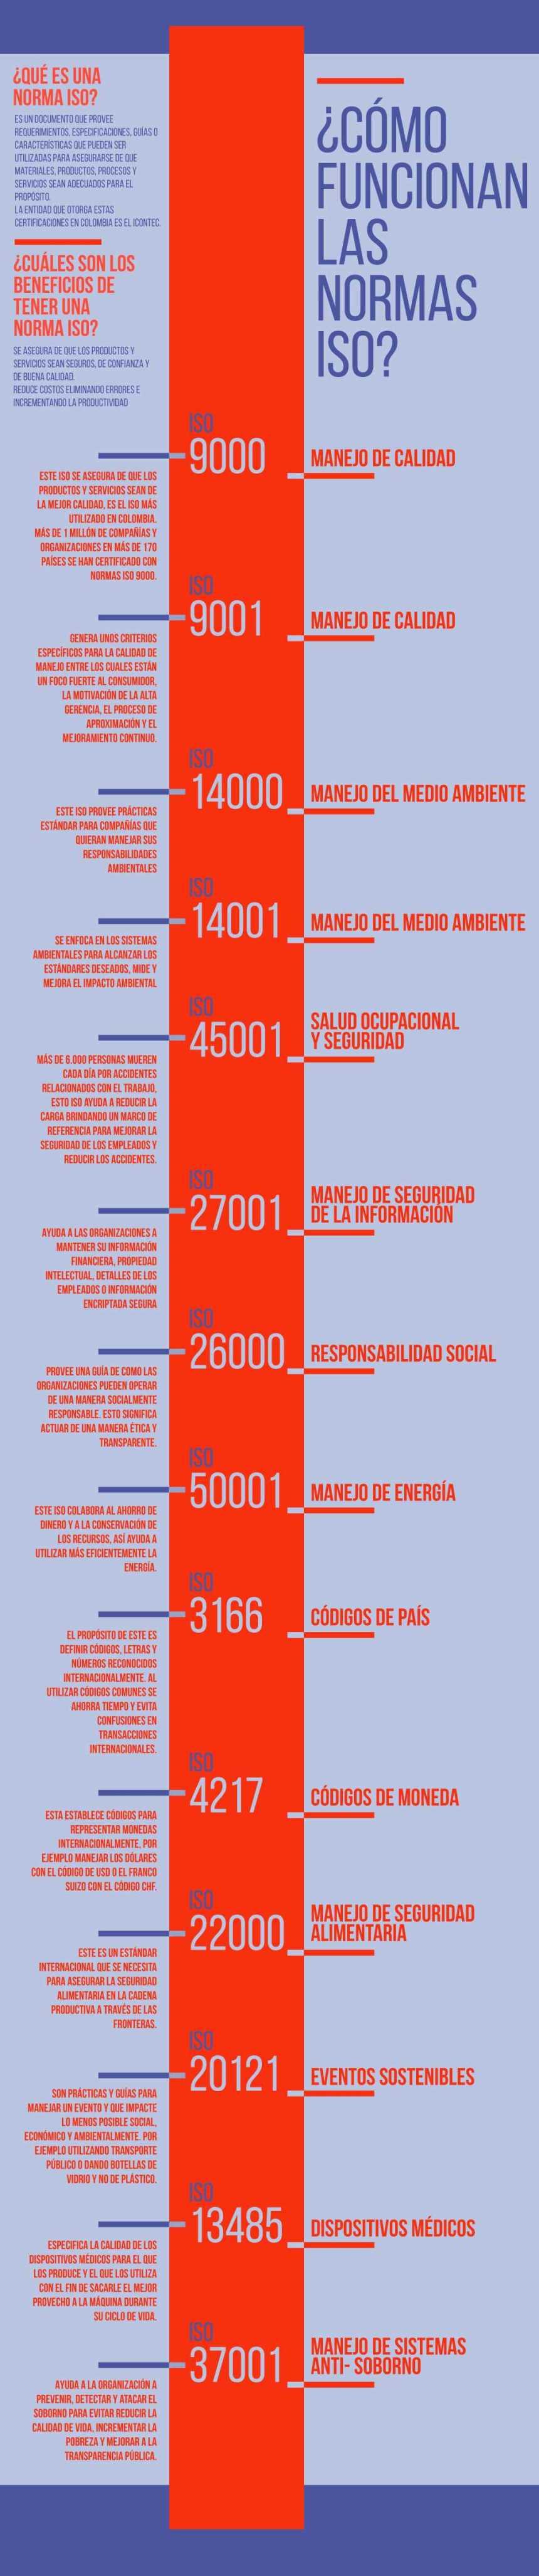 normas-iso-infografia